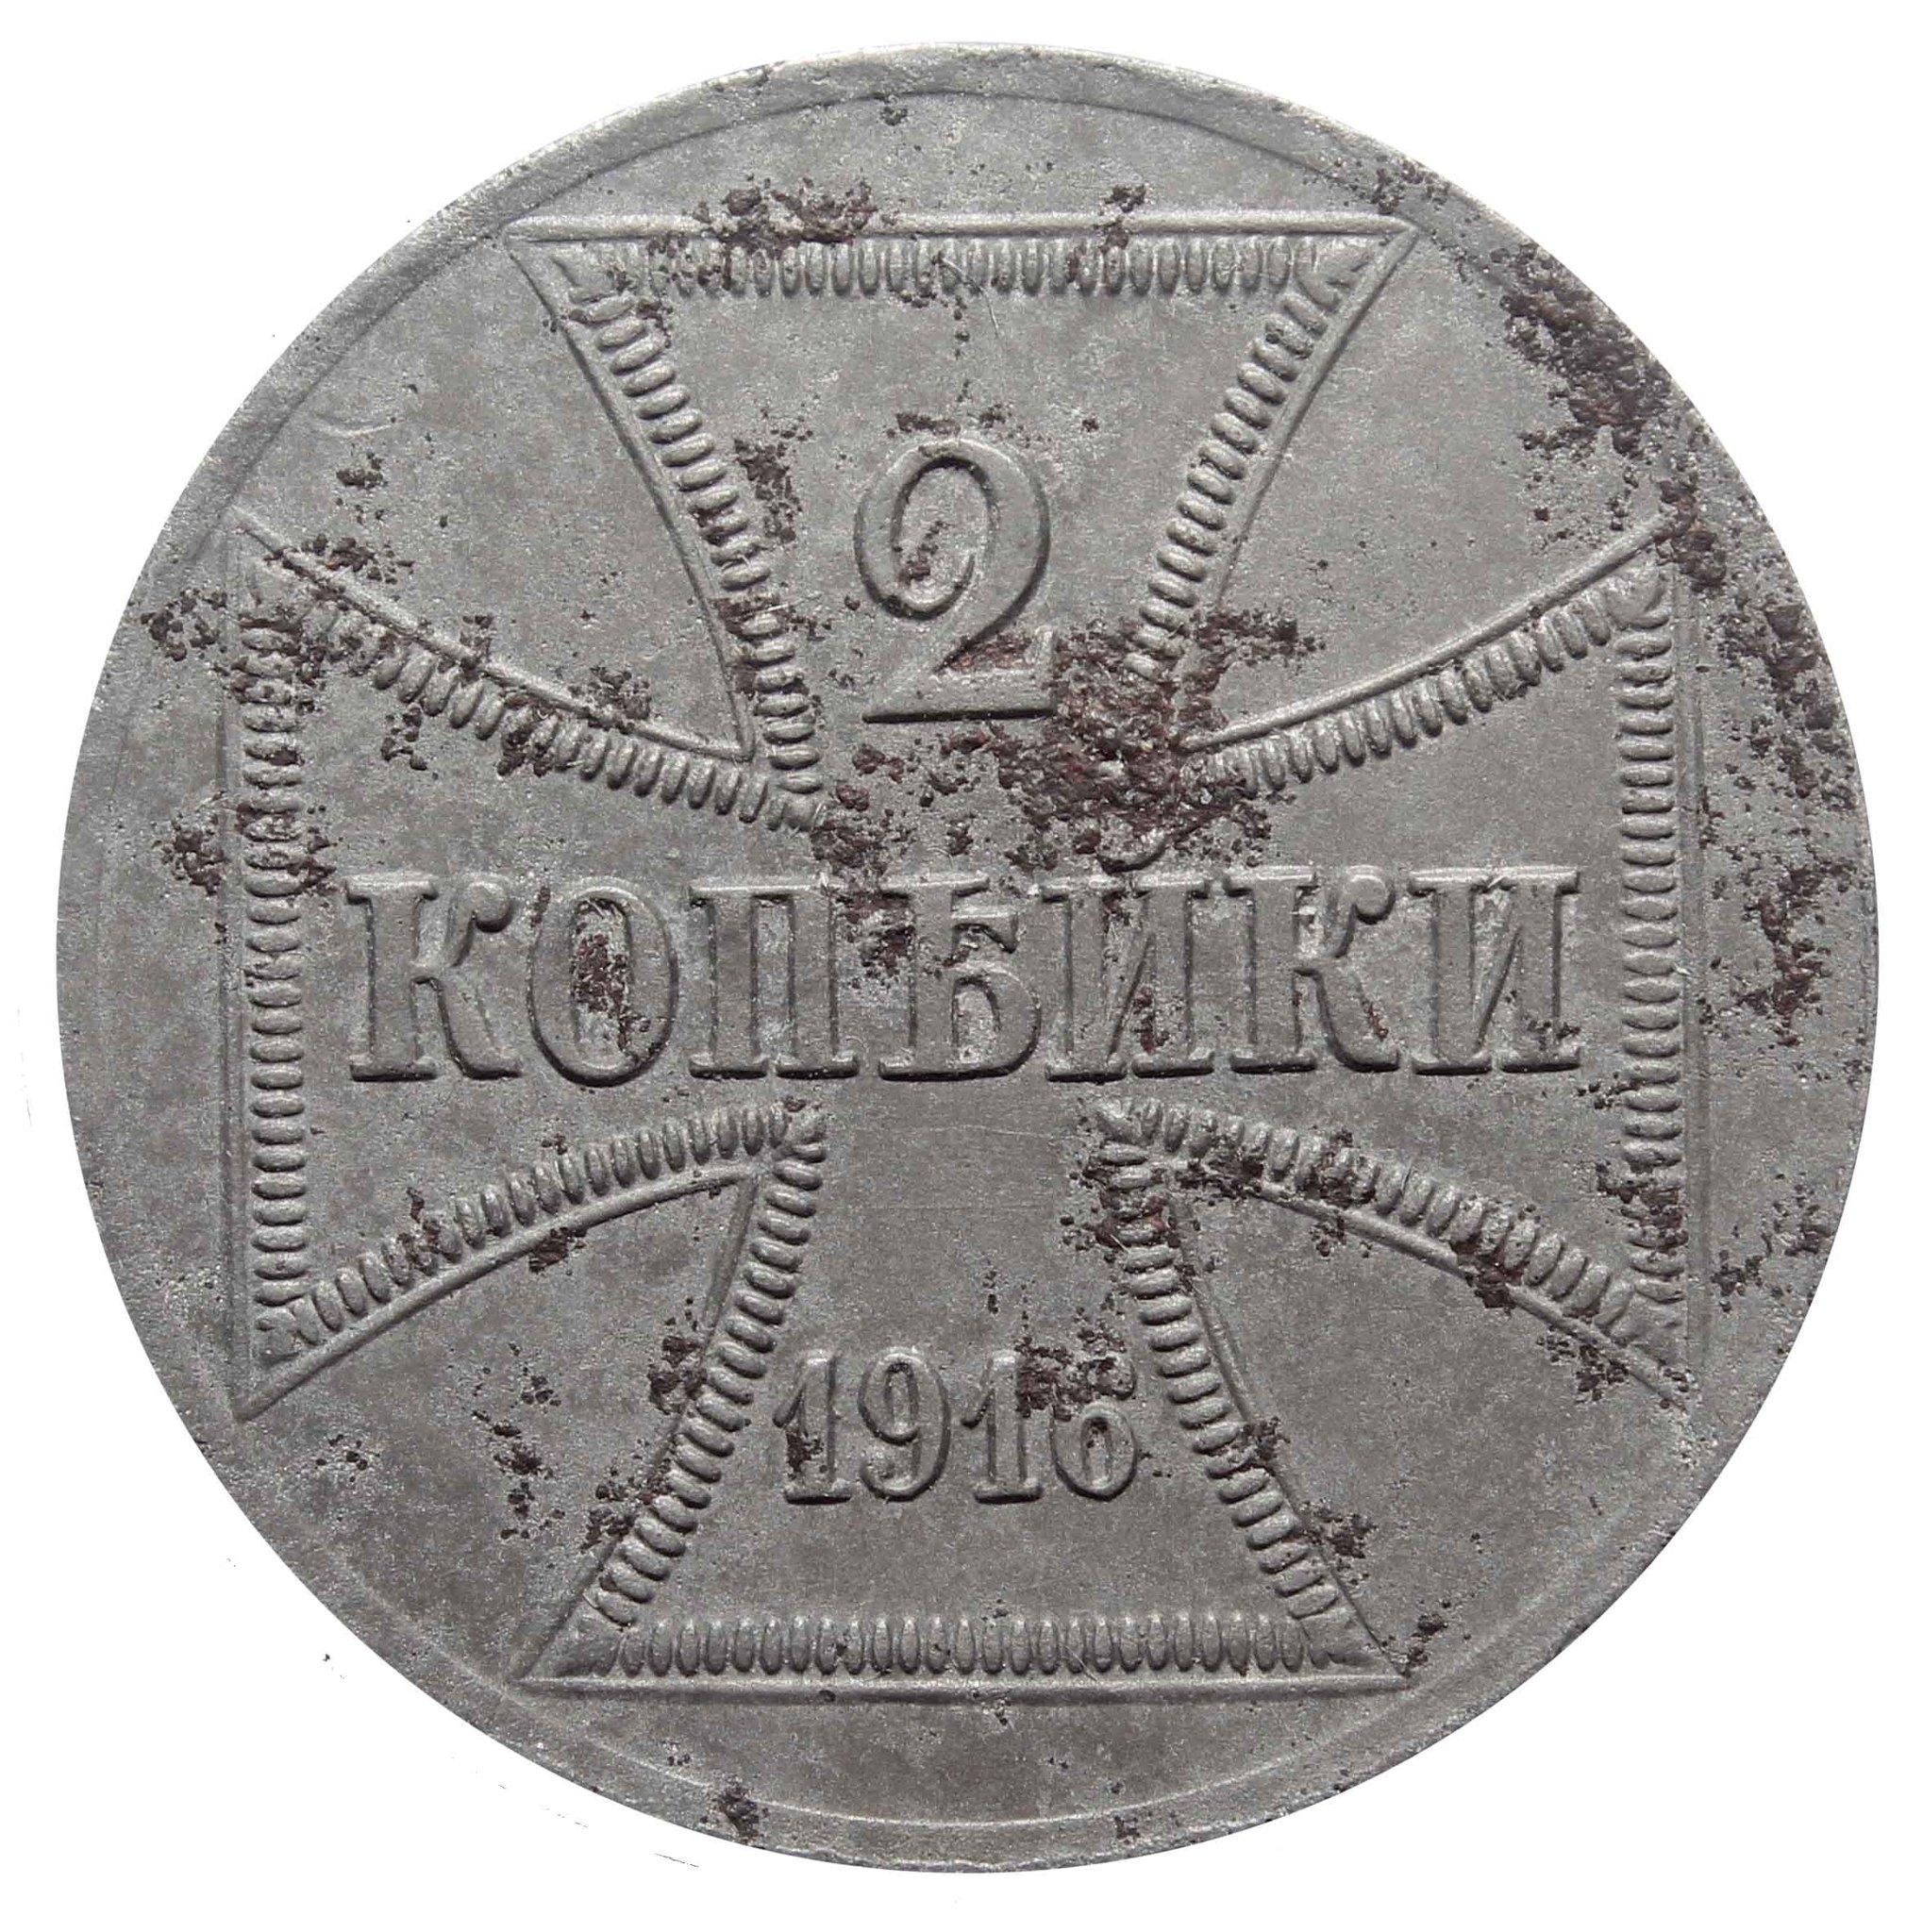 2 копейки 1916 год (А) (Оккупация России), Германия. VF-XF